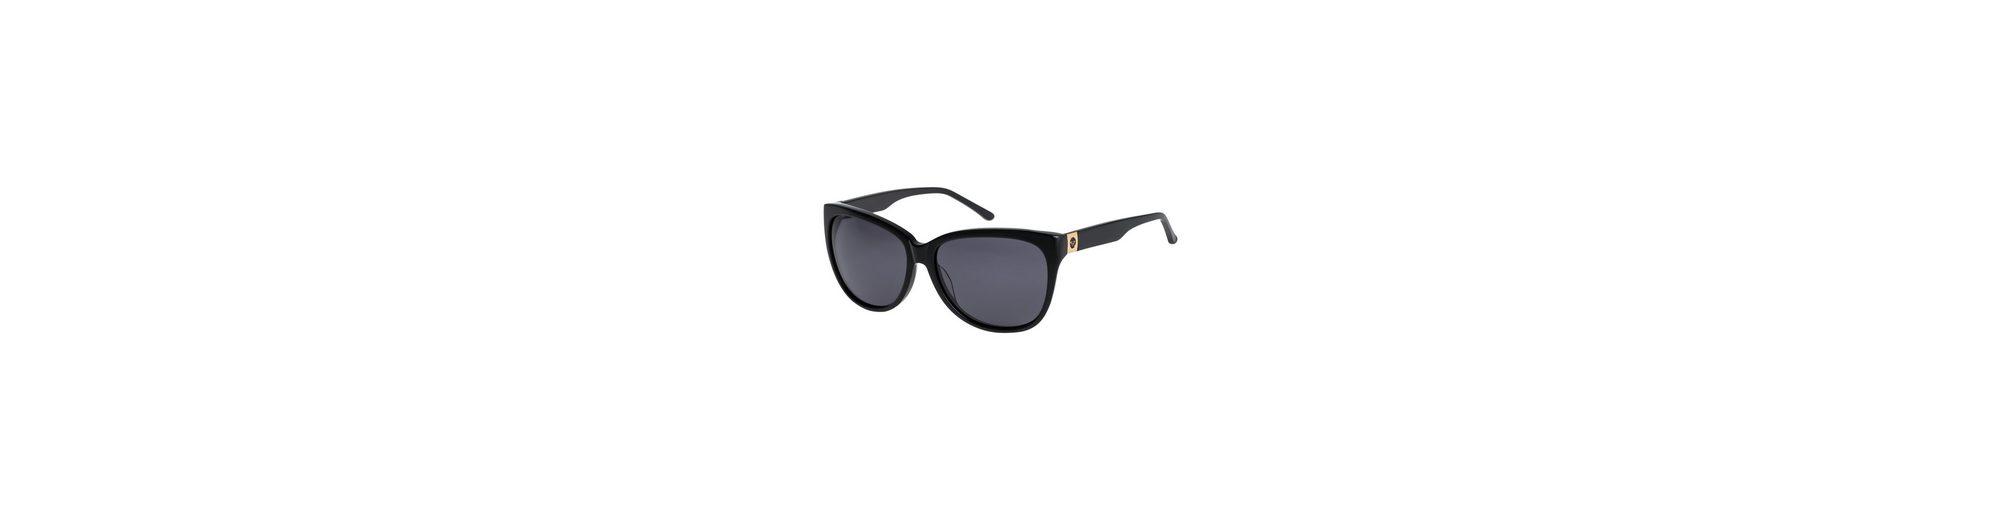 Roxy Sonnenbrille »Ruby«